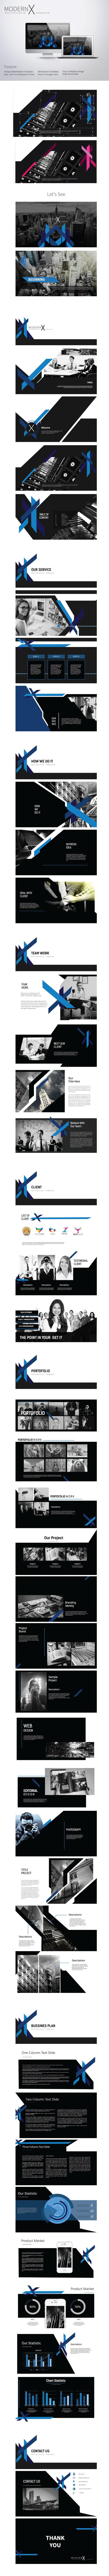 X-Modern PowerPoint Template